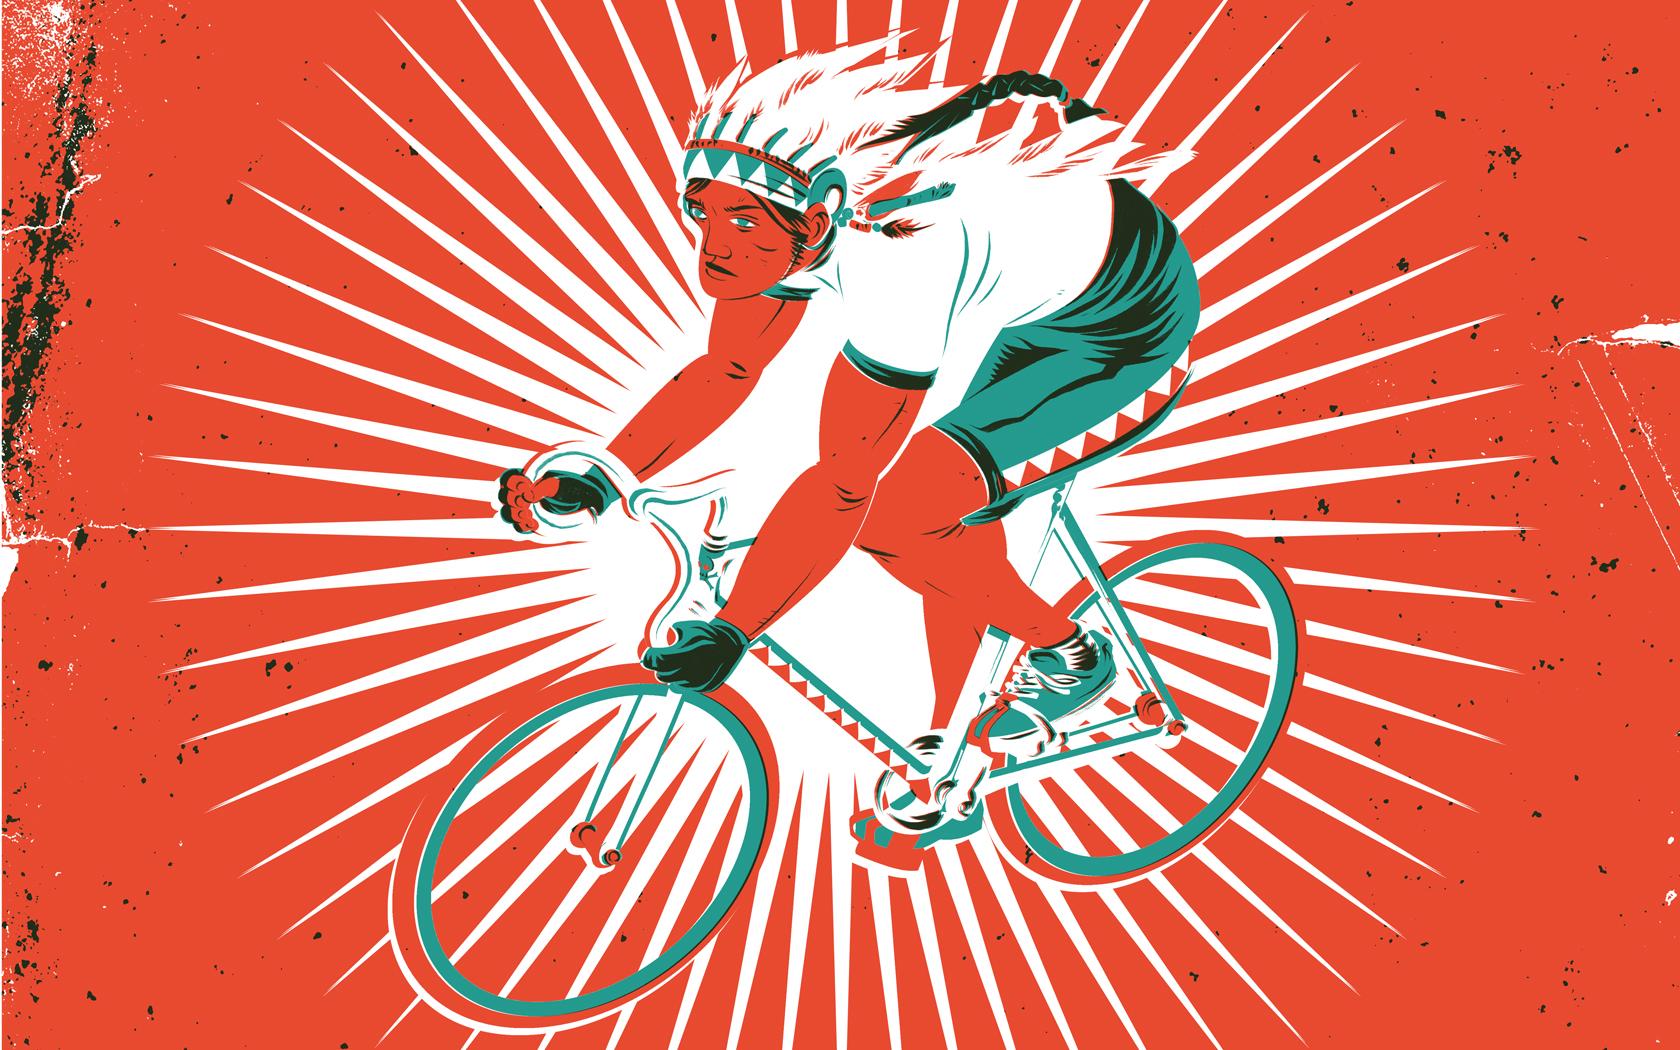 Wallpaper Ilustrasi Sepeda Merah Gambar Kartun Desain Grafis